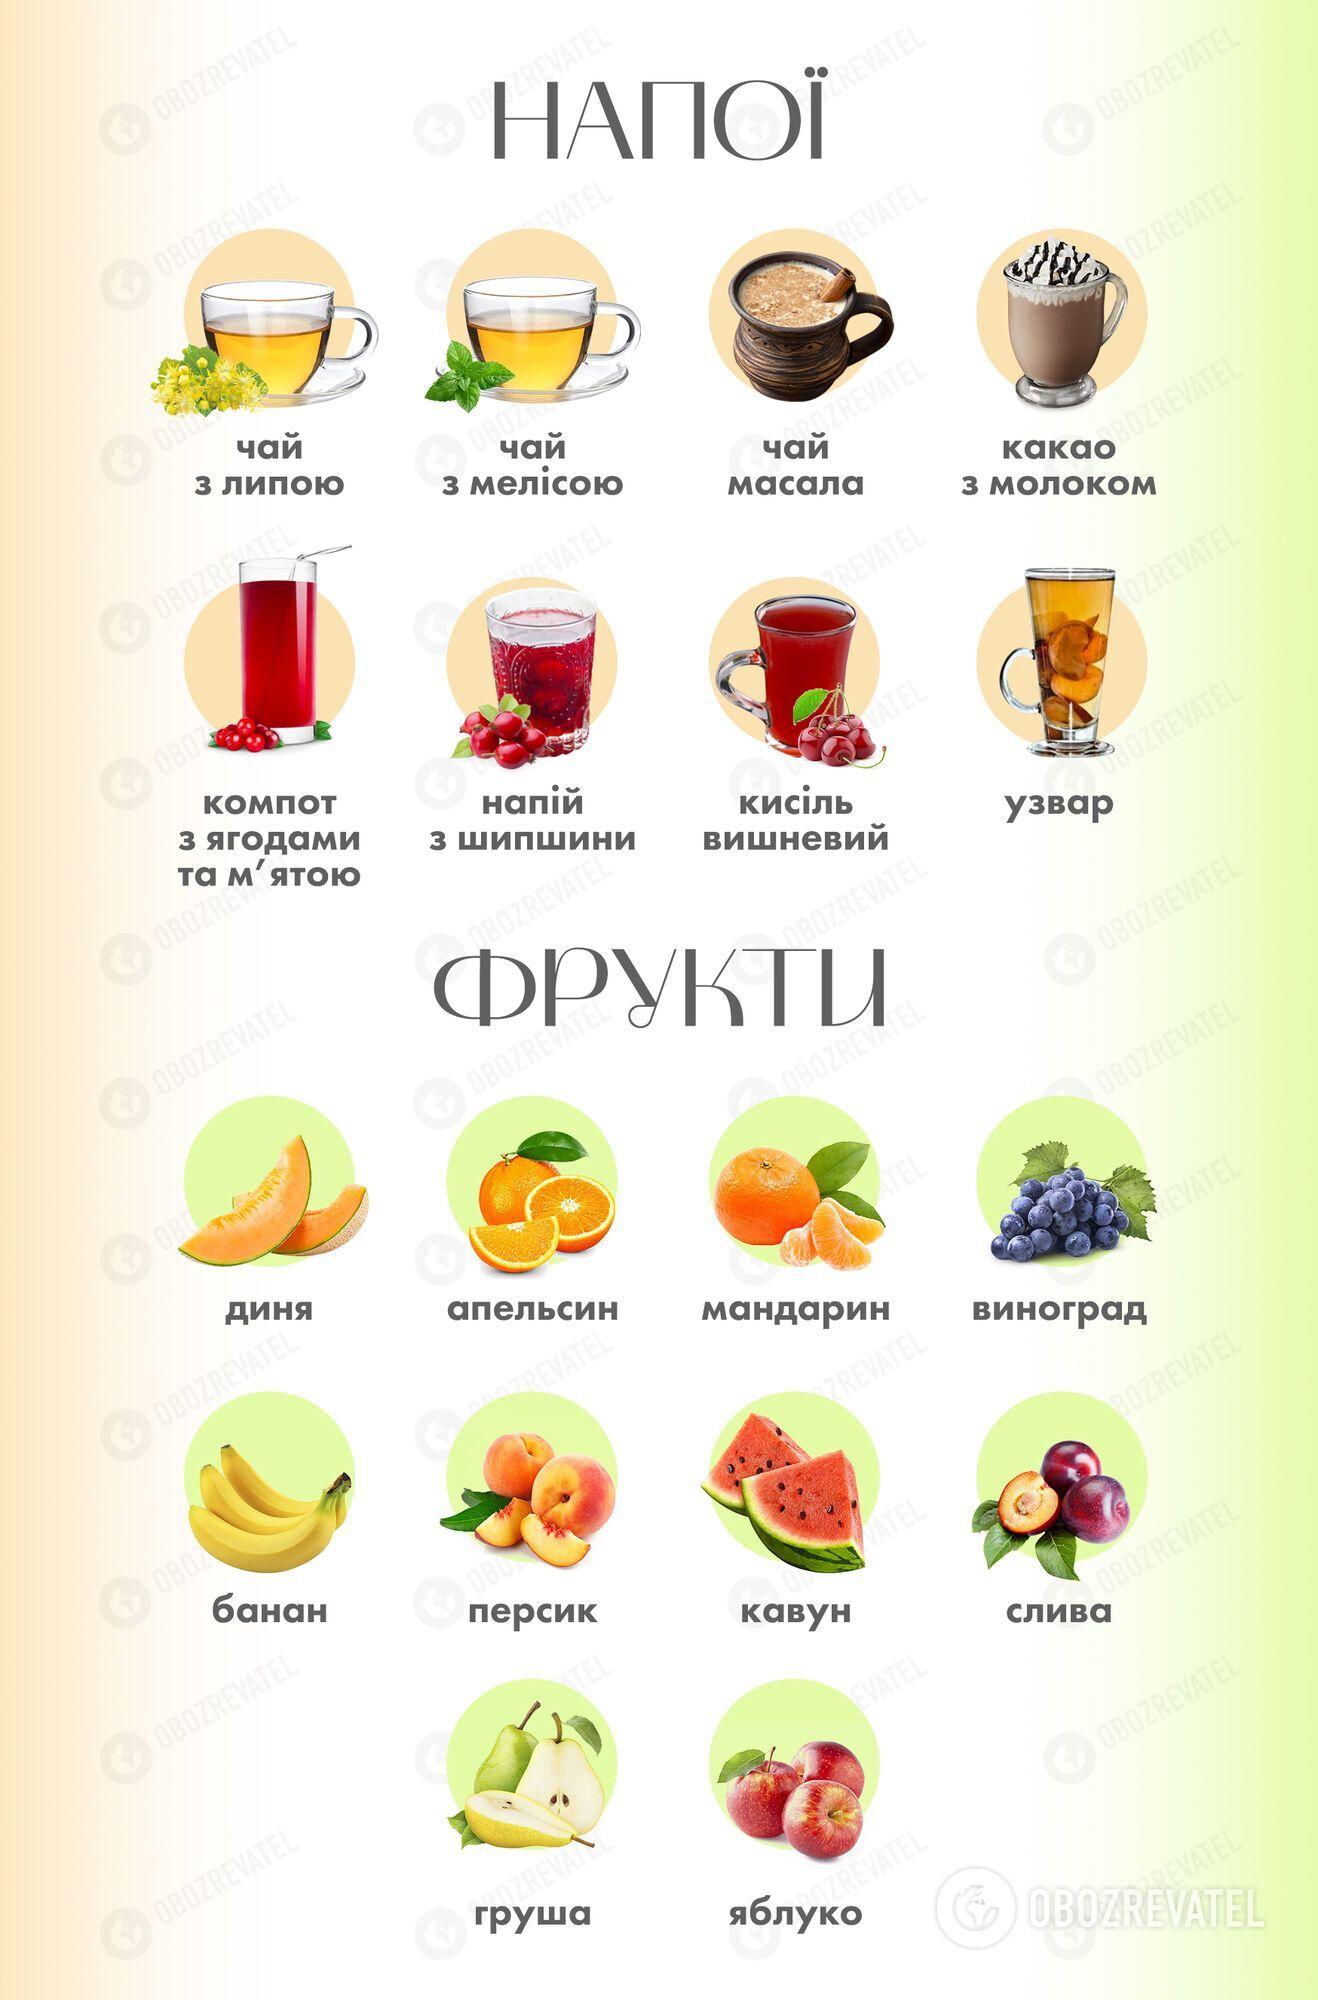 Набор фруктов и напитков в новом меню стал разнообразнее